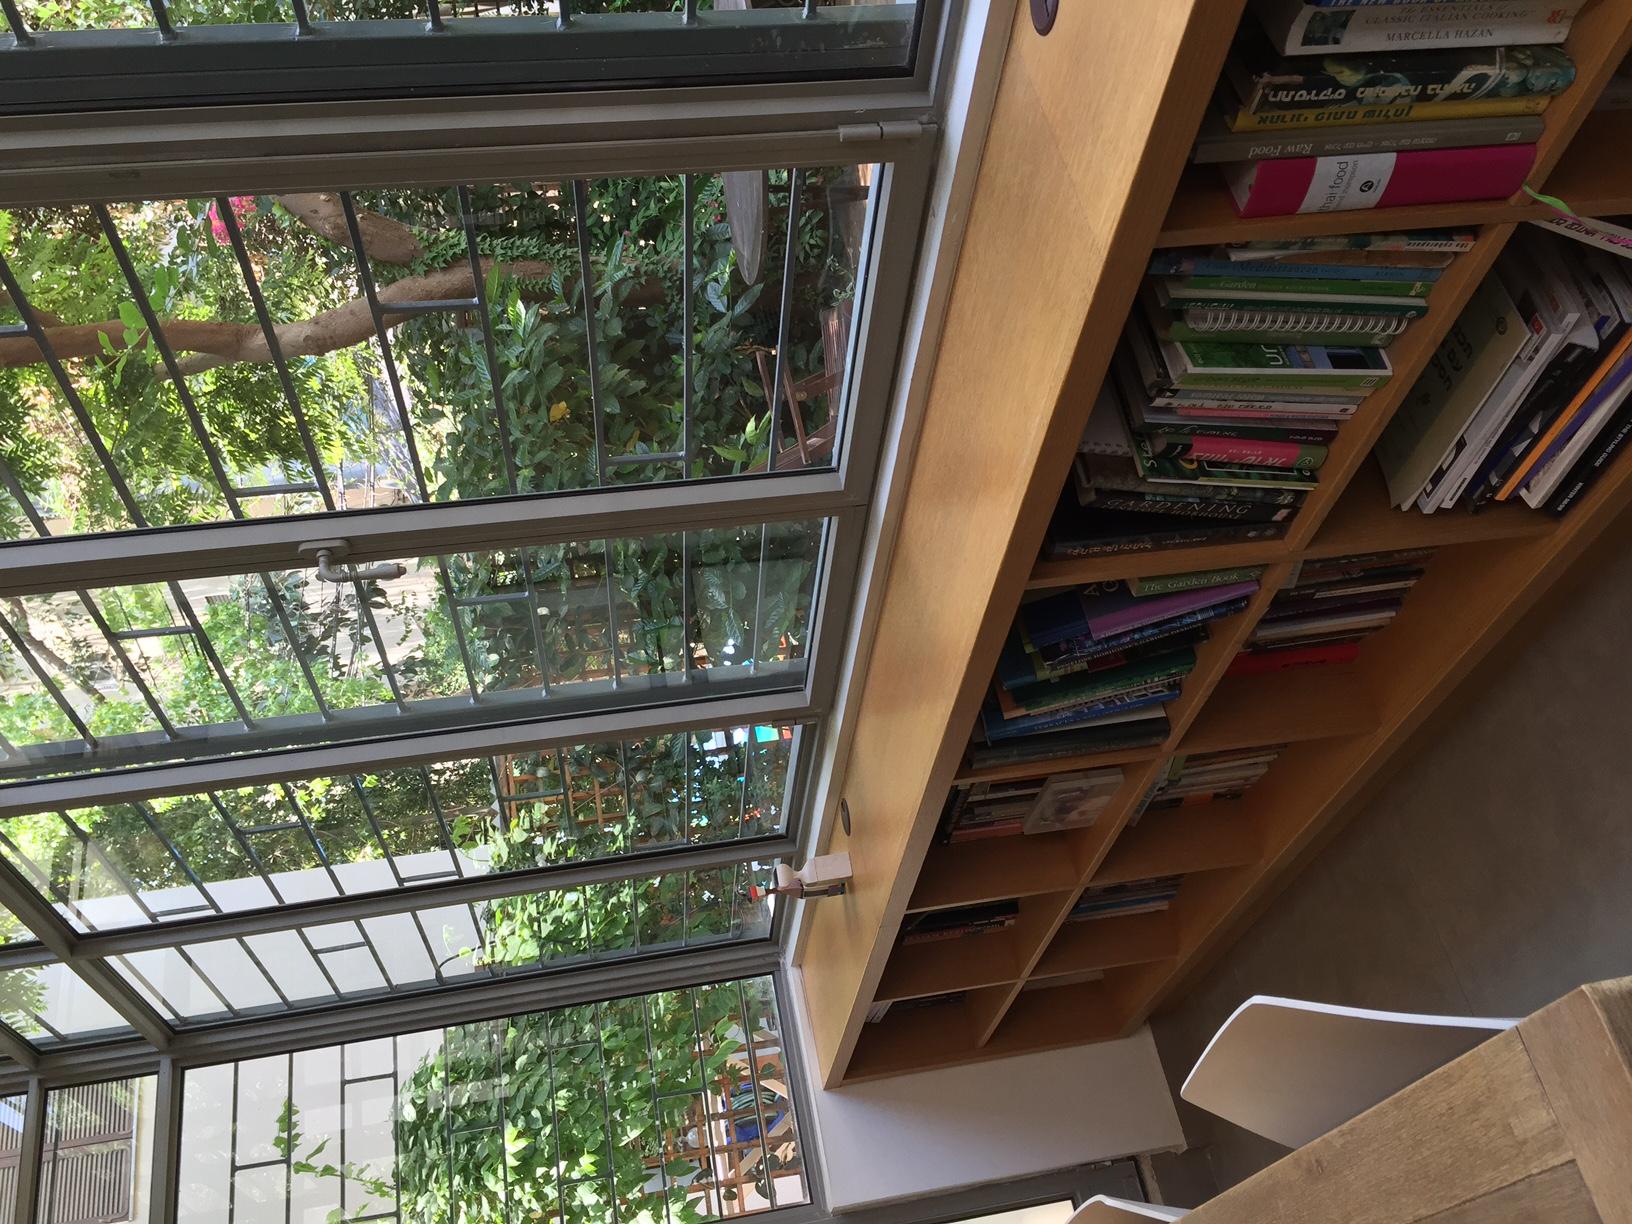 ספרייה נמוכה הפונה לגינה